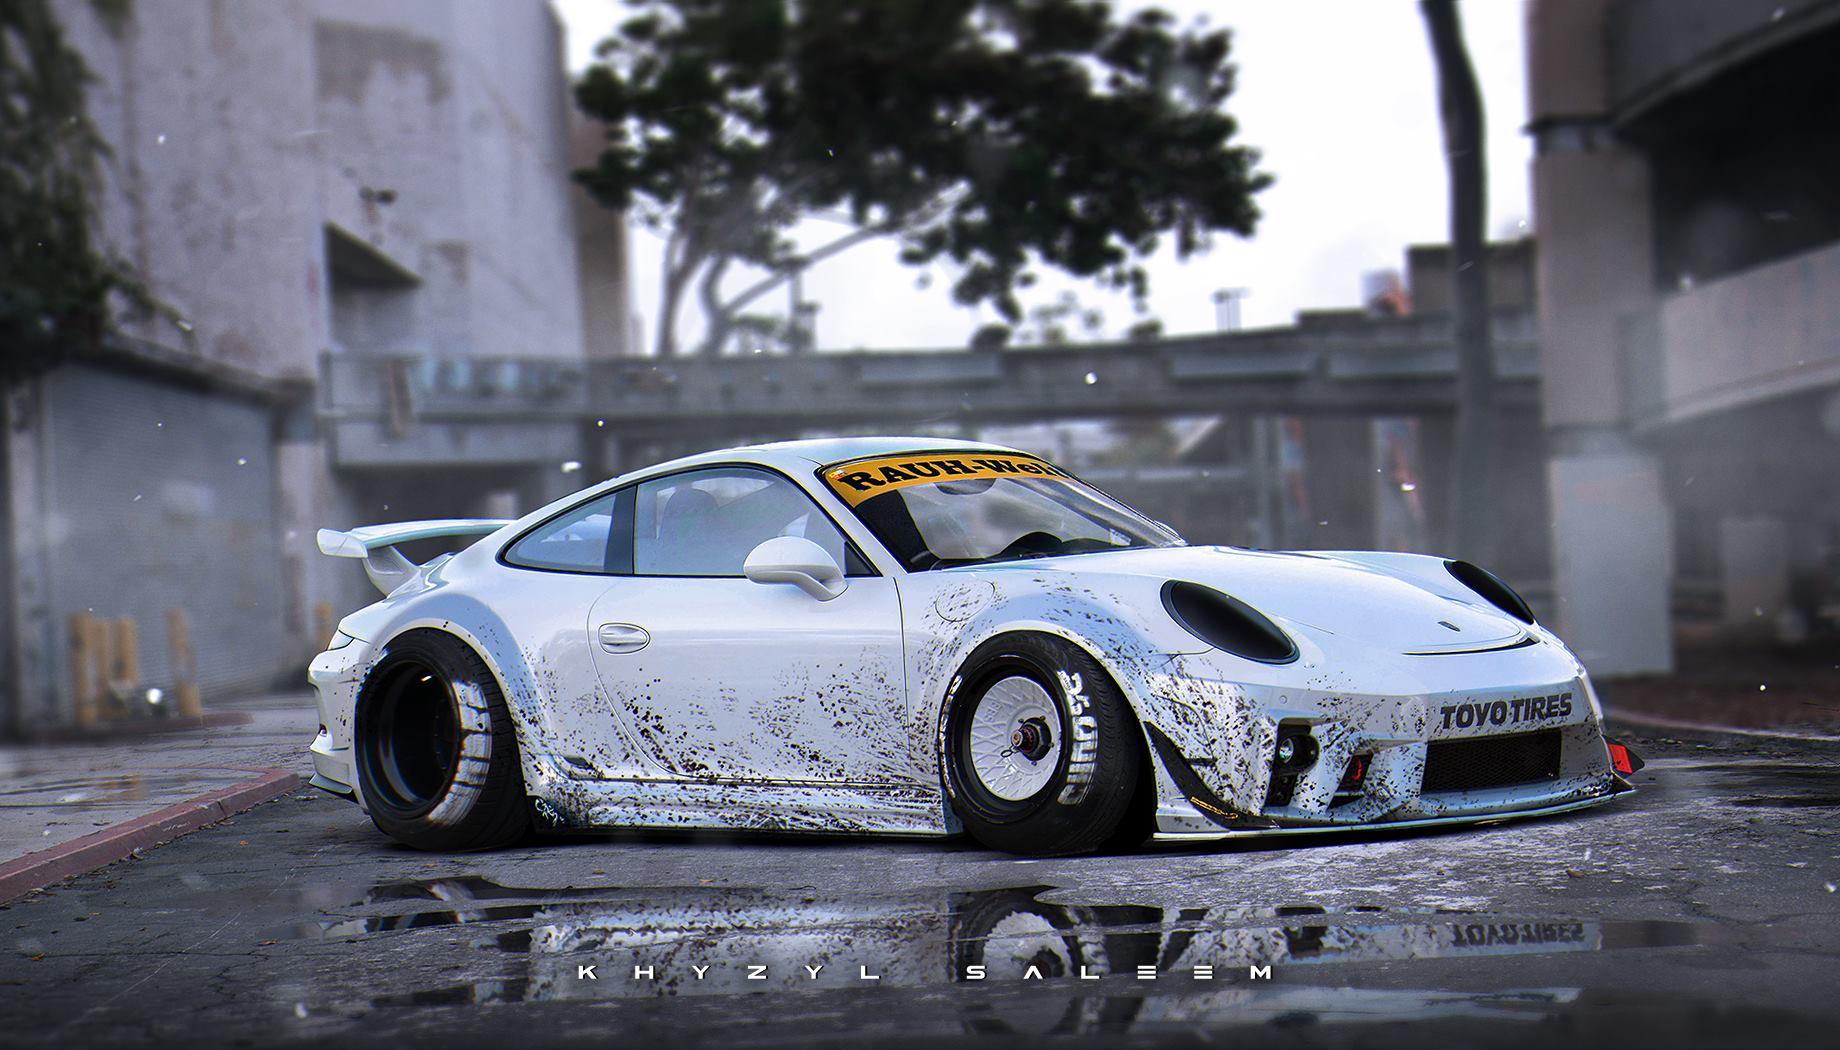 2015 Porsche 911 Gt3 Rendered With Rwb Widebody Kit Gtspirit